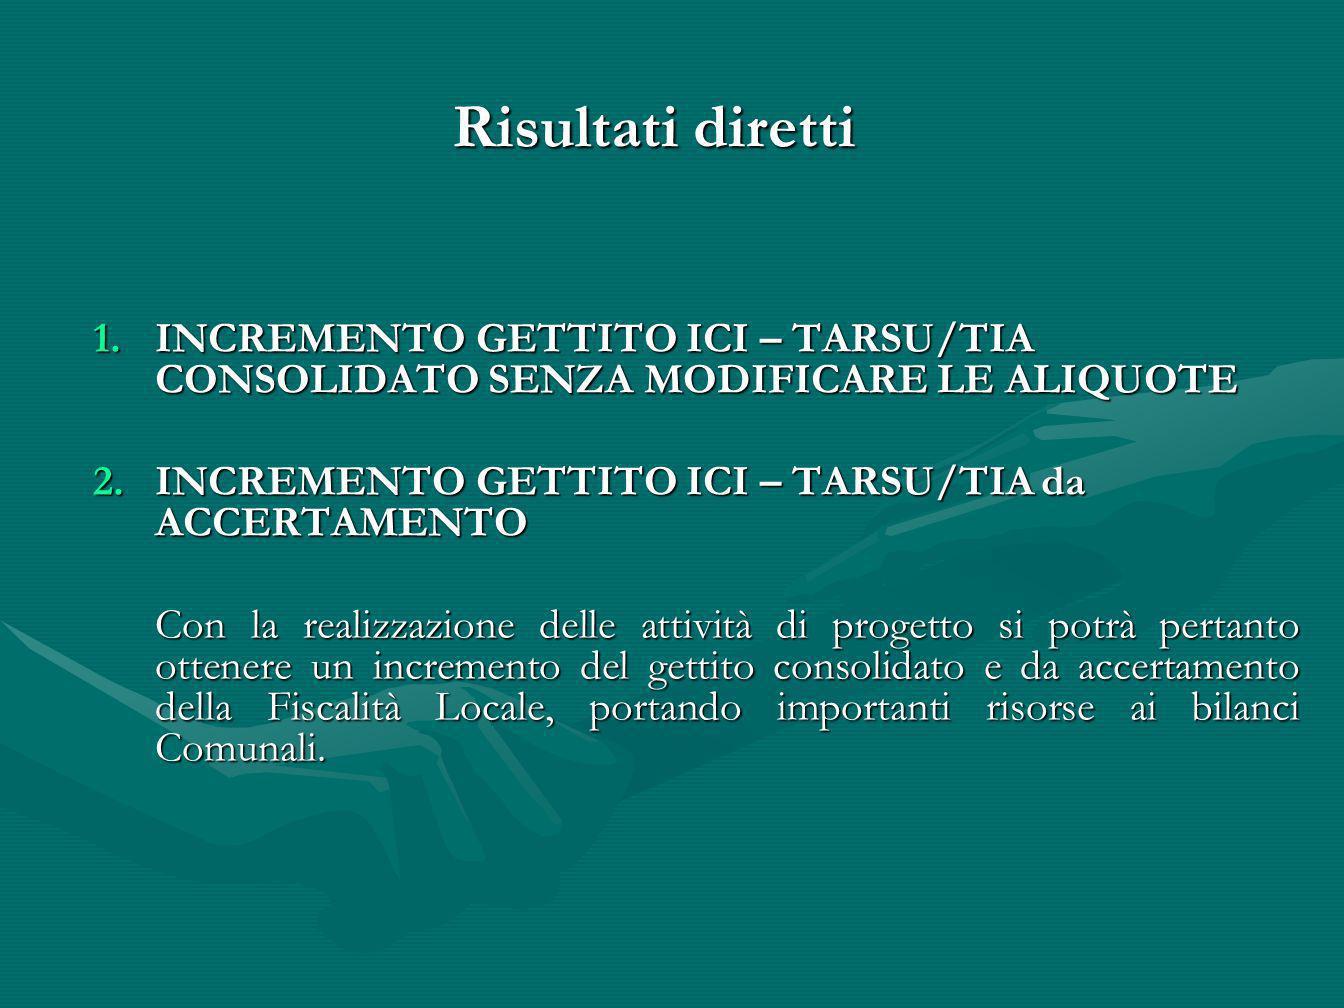 Risultati direttiINCREMENTO GETTITO ICI – TARSU/TIA CONSOLIDATO SENZA MODIFICARE LE ALIQUOTE. INCREMENTO GETTITO ICI – TARSU/TIA da ACCERTAMENTO.